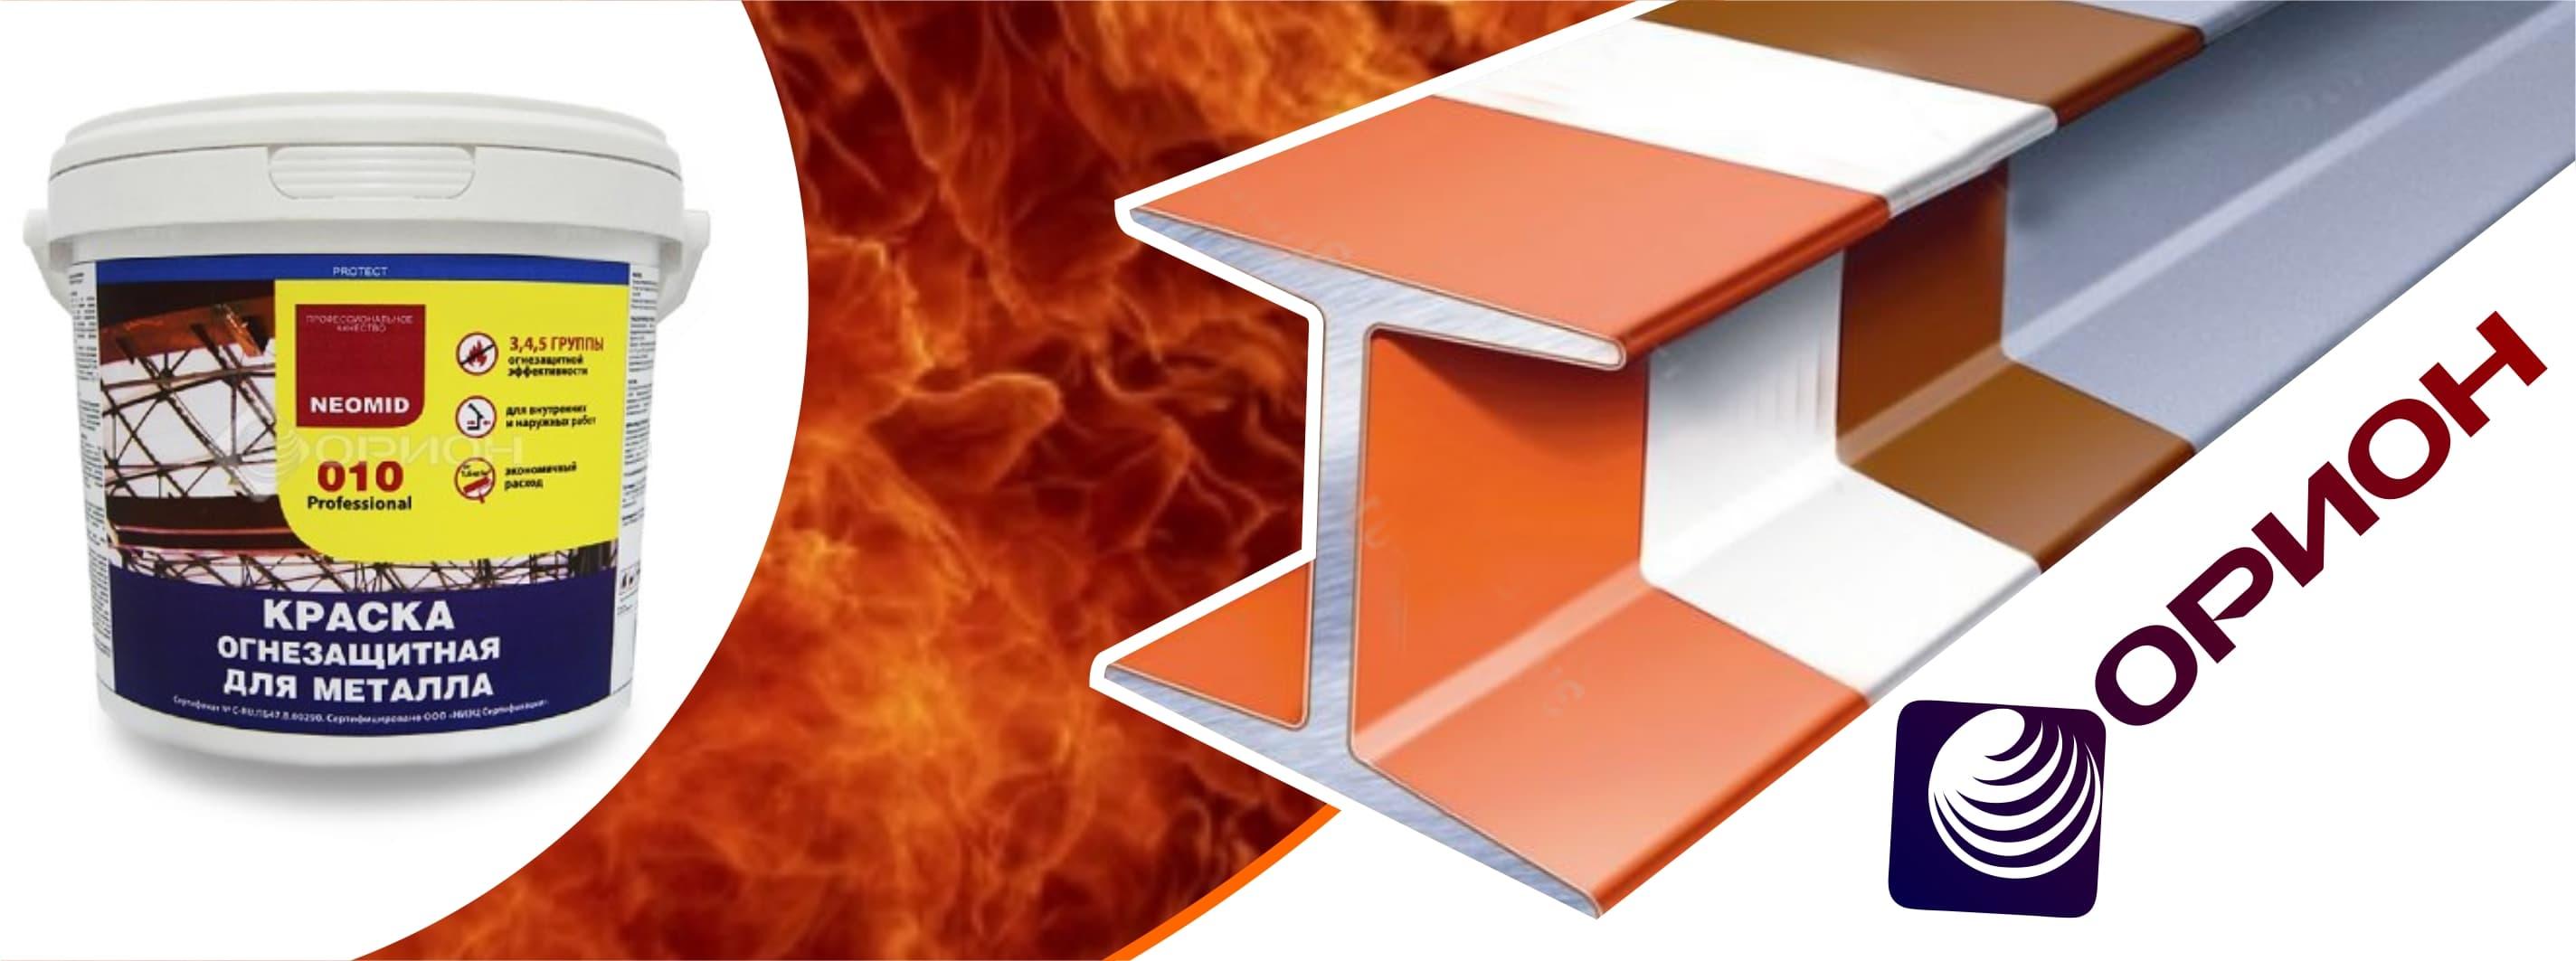 Огнезащитная краска для металлоконструкций